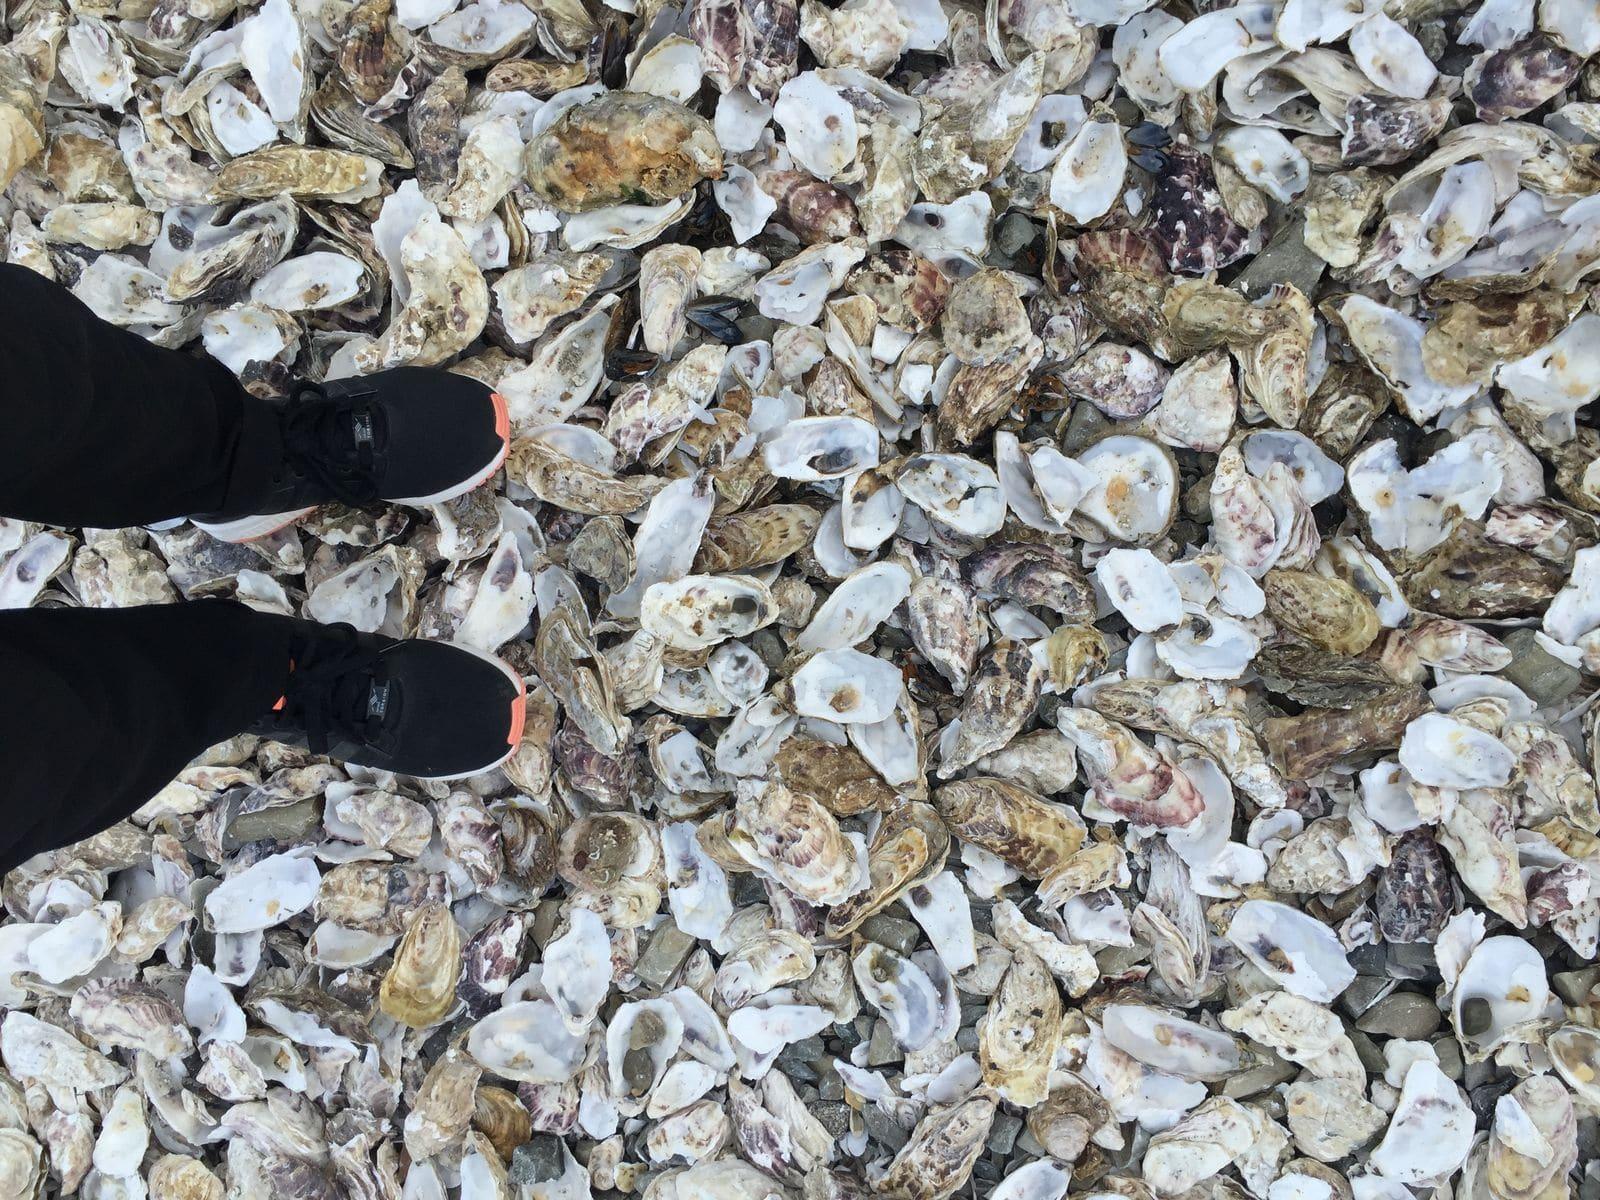 camminare su gusci di ostriche